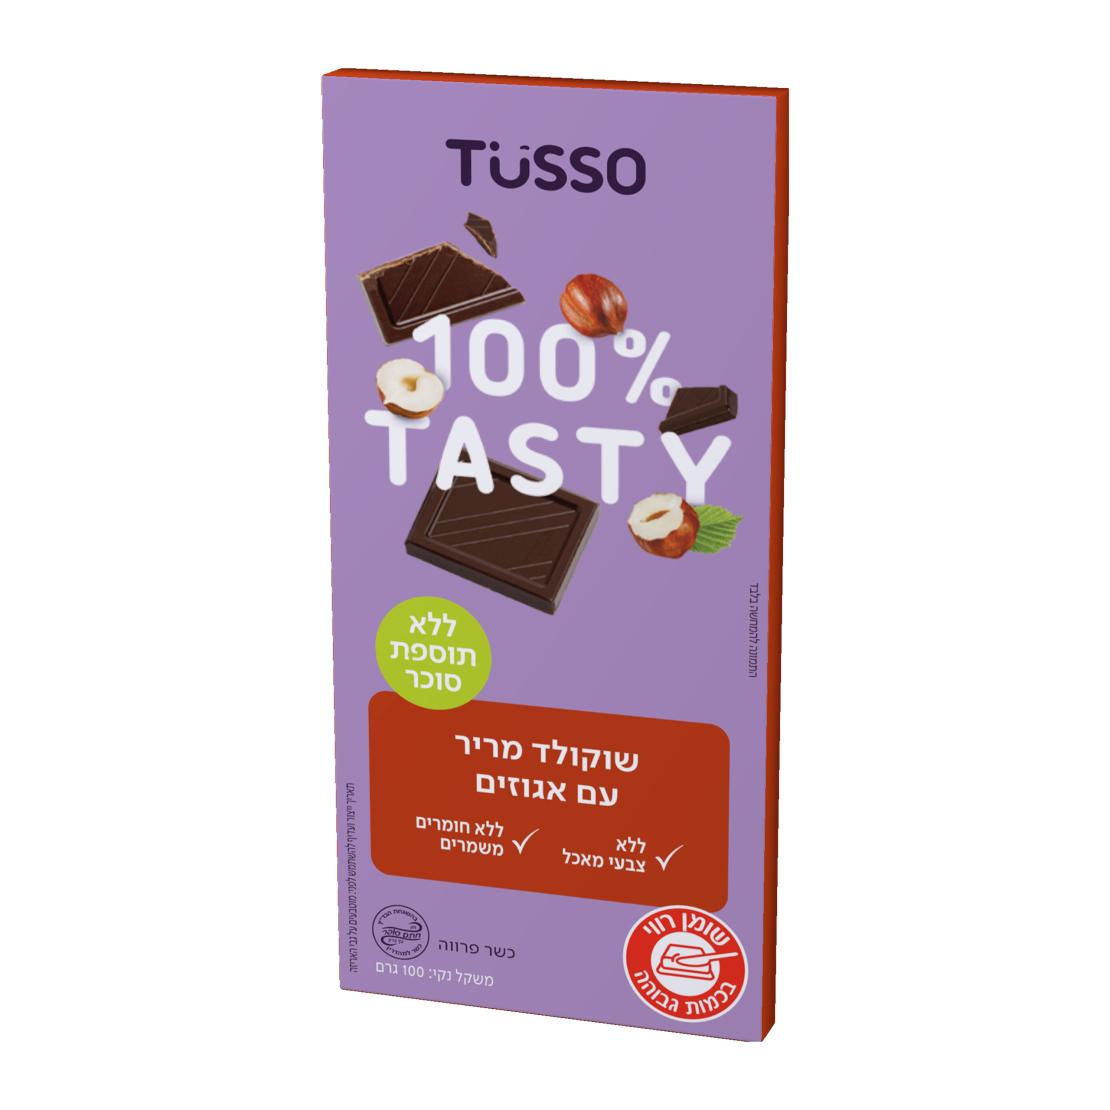 שוקולד מריר עם אגוזים ללא תוספת סוכר